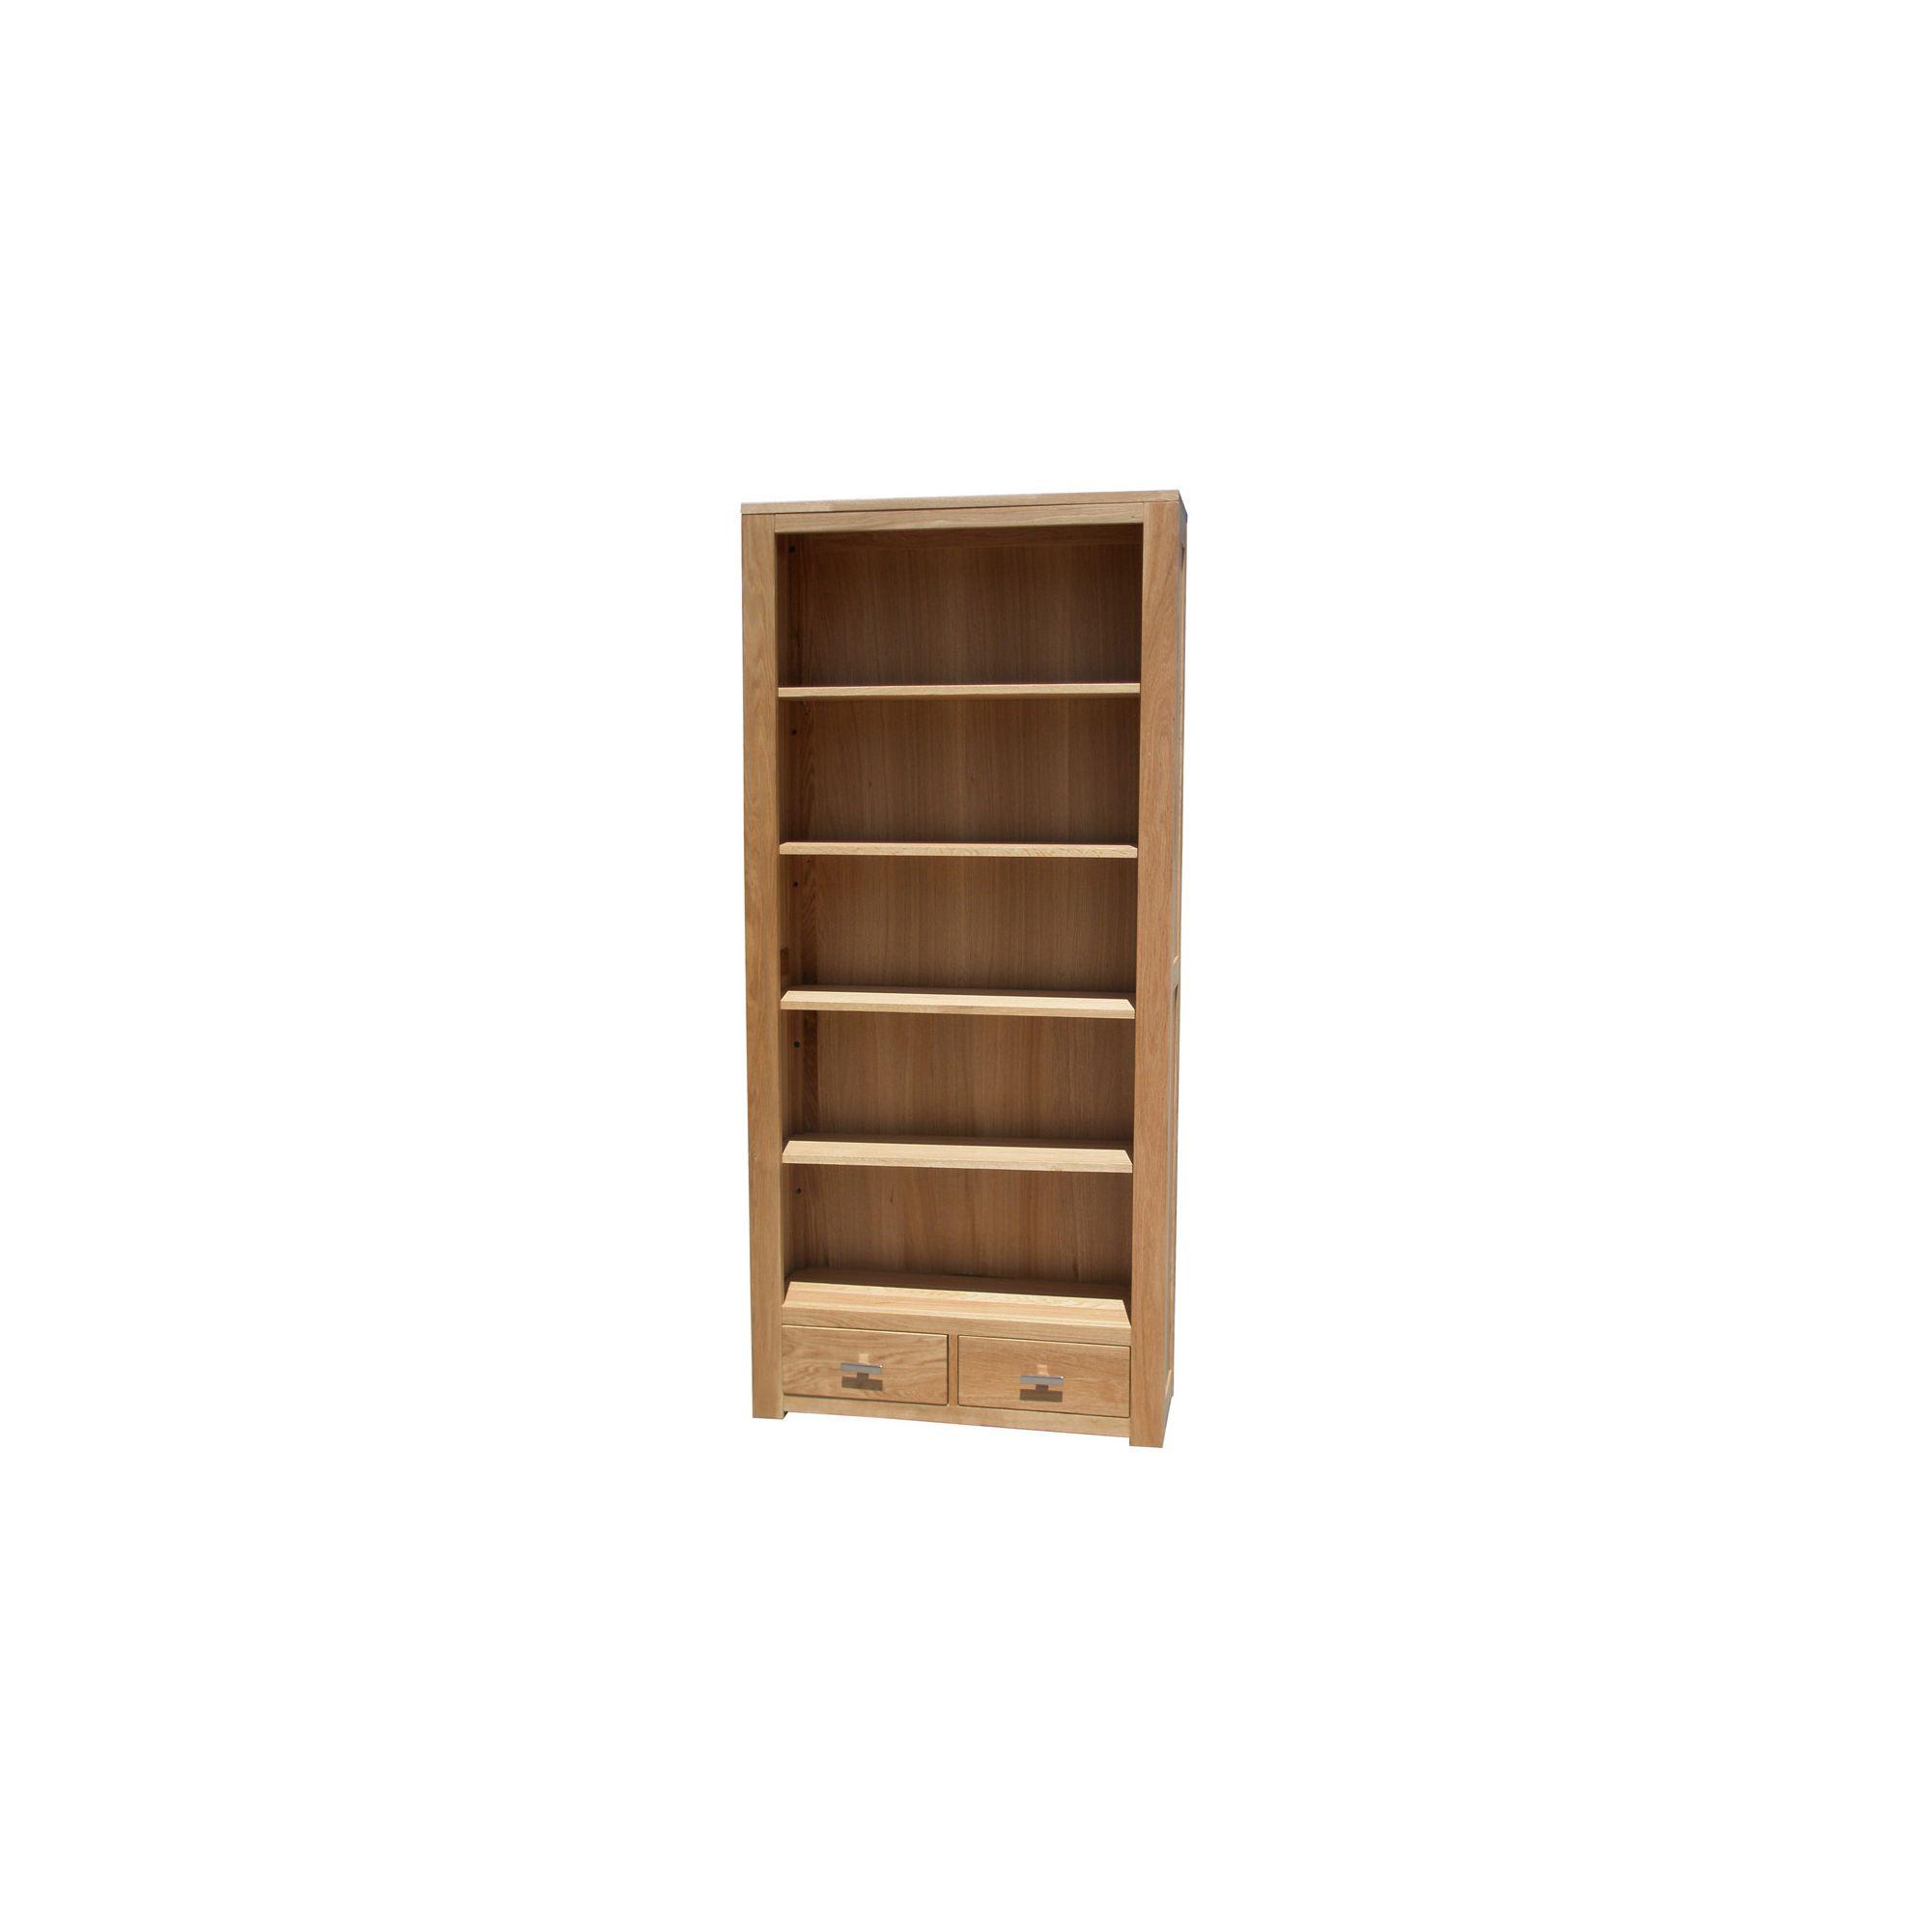 Home Zone Furniture Churchill Oak 2010 Wide Book Case in Natural Oak at Tesco Direct